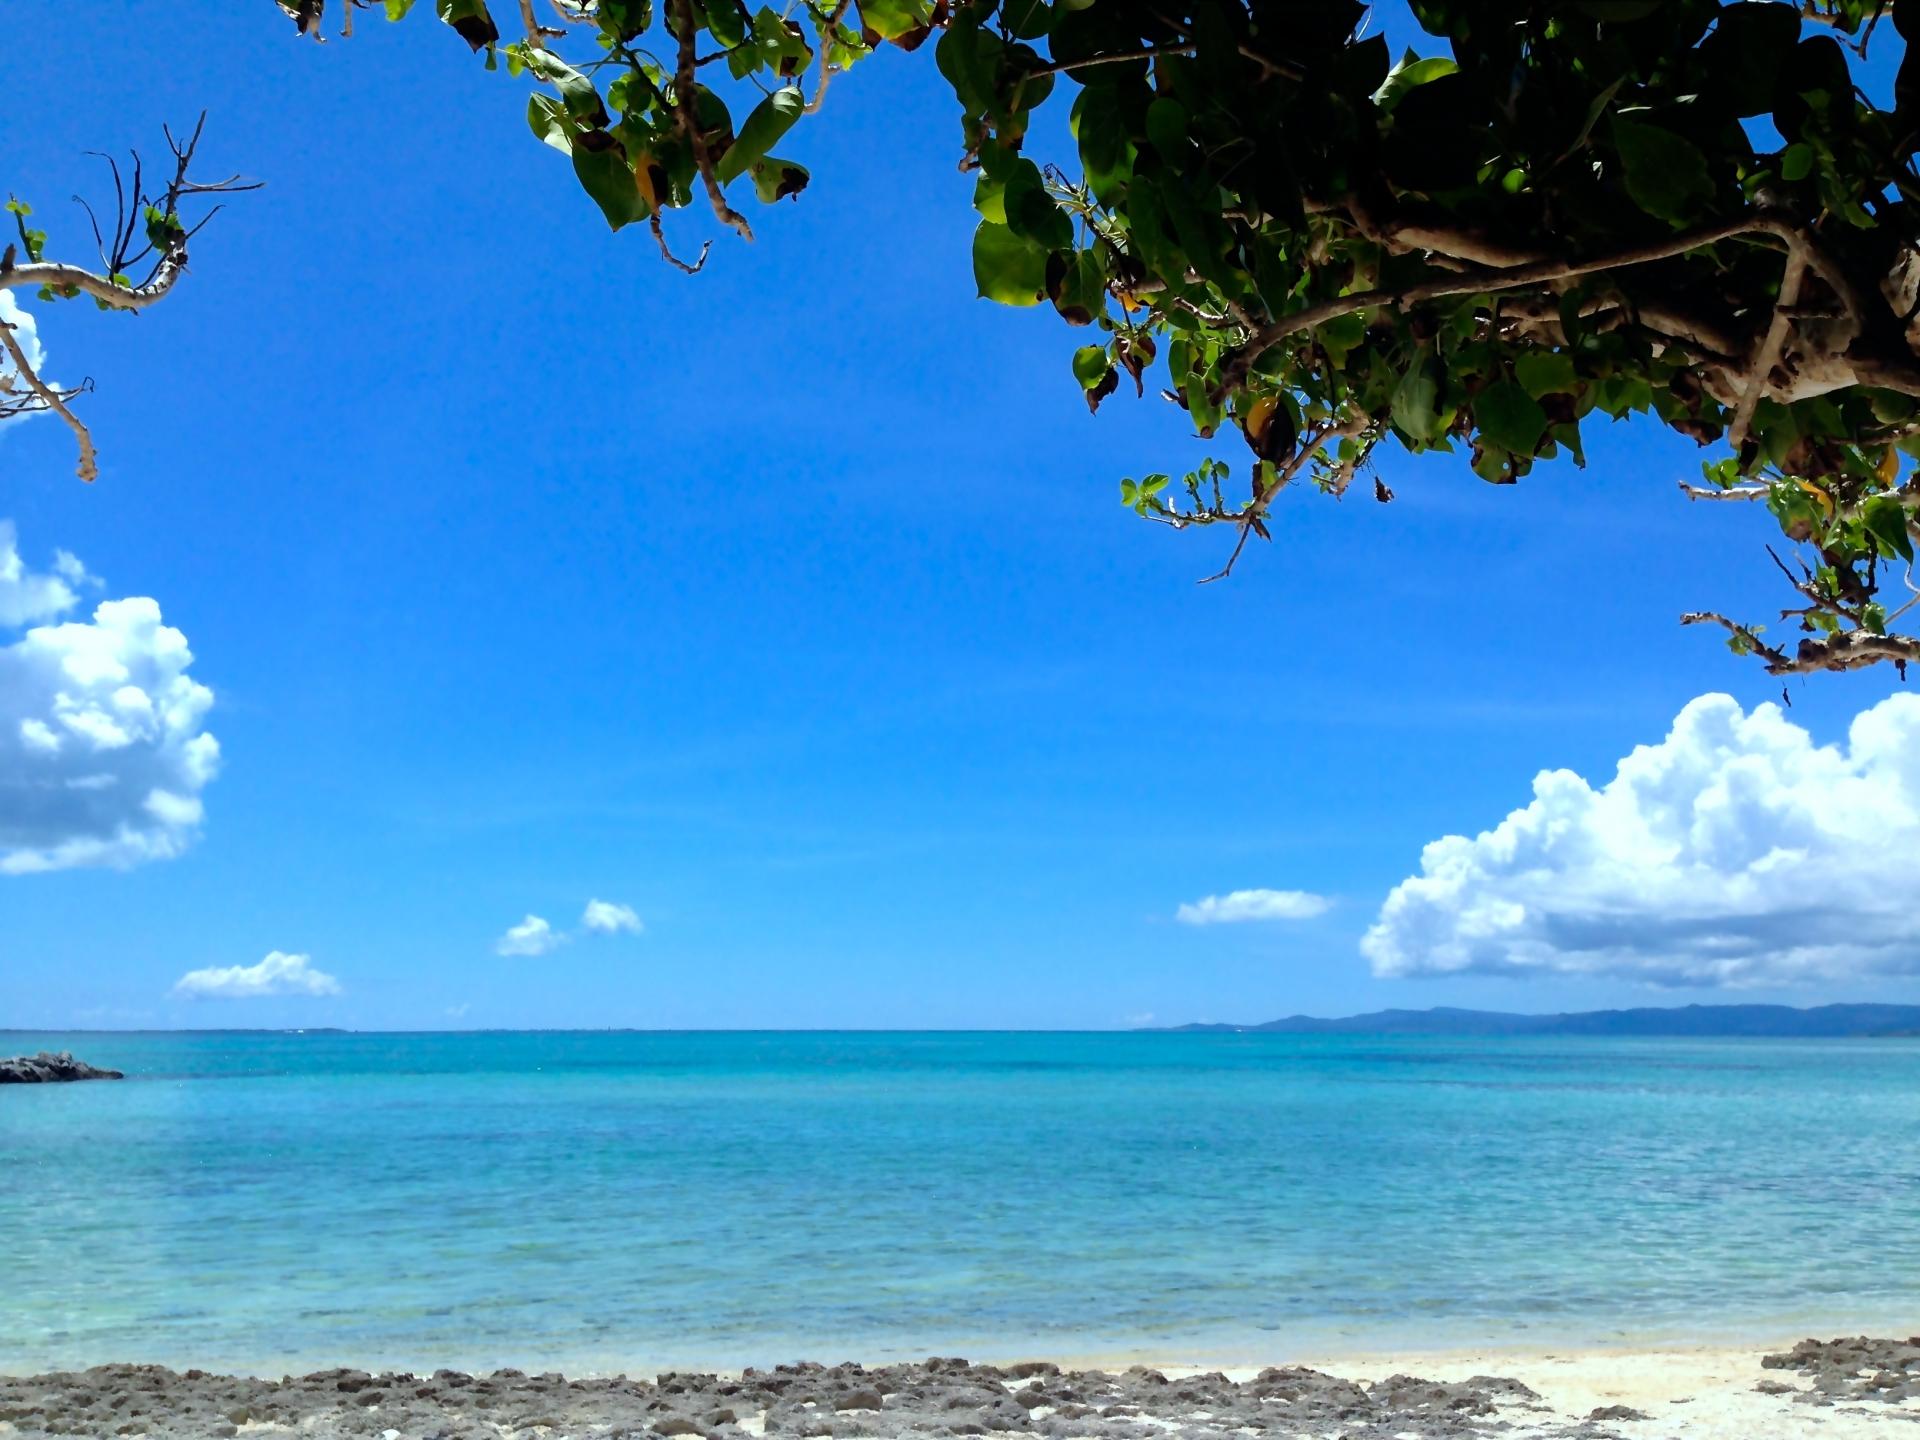 7月の石垣島のビーチと青空